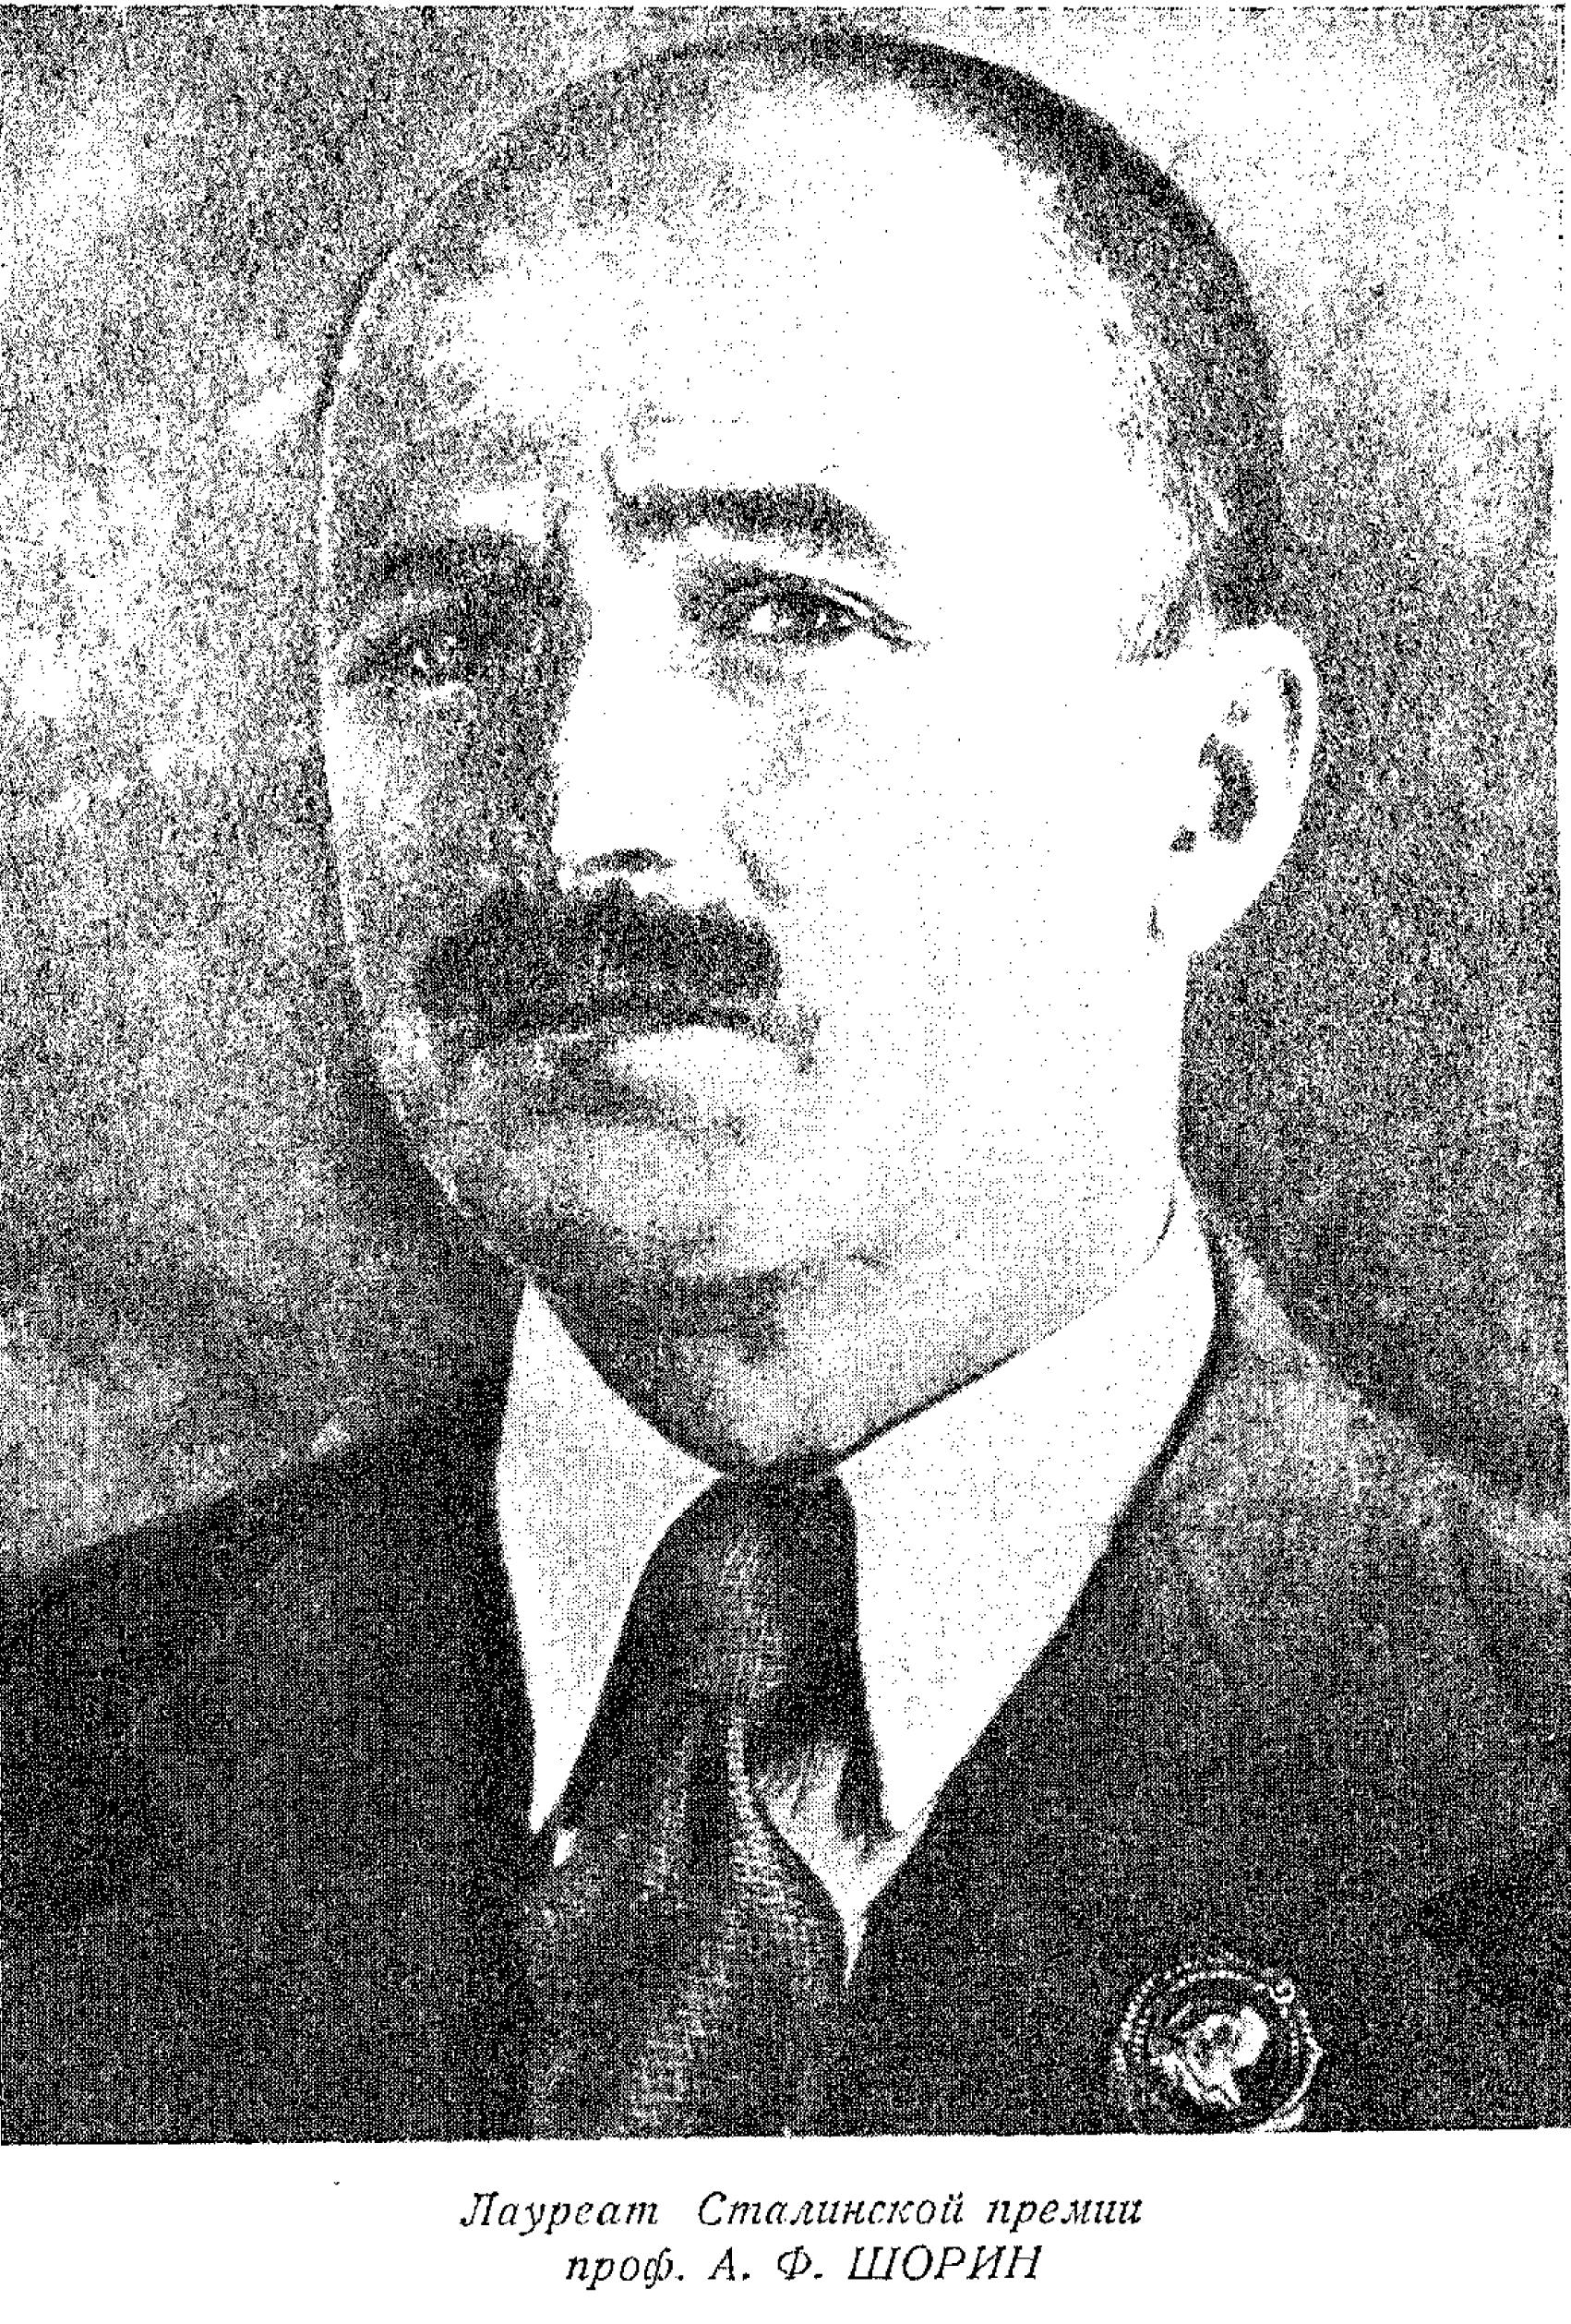 А. Ф. Шорин